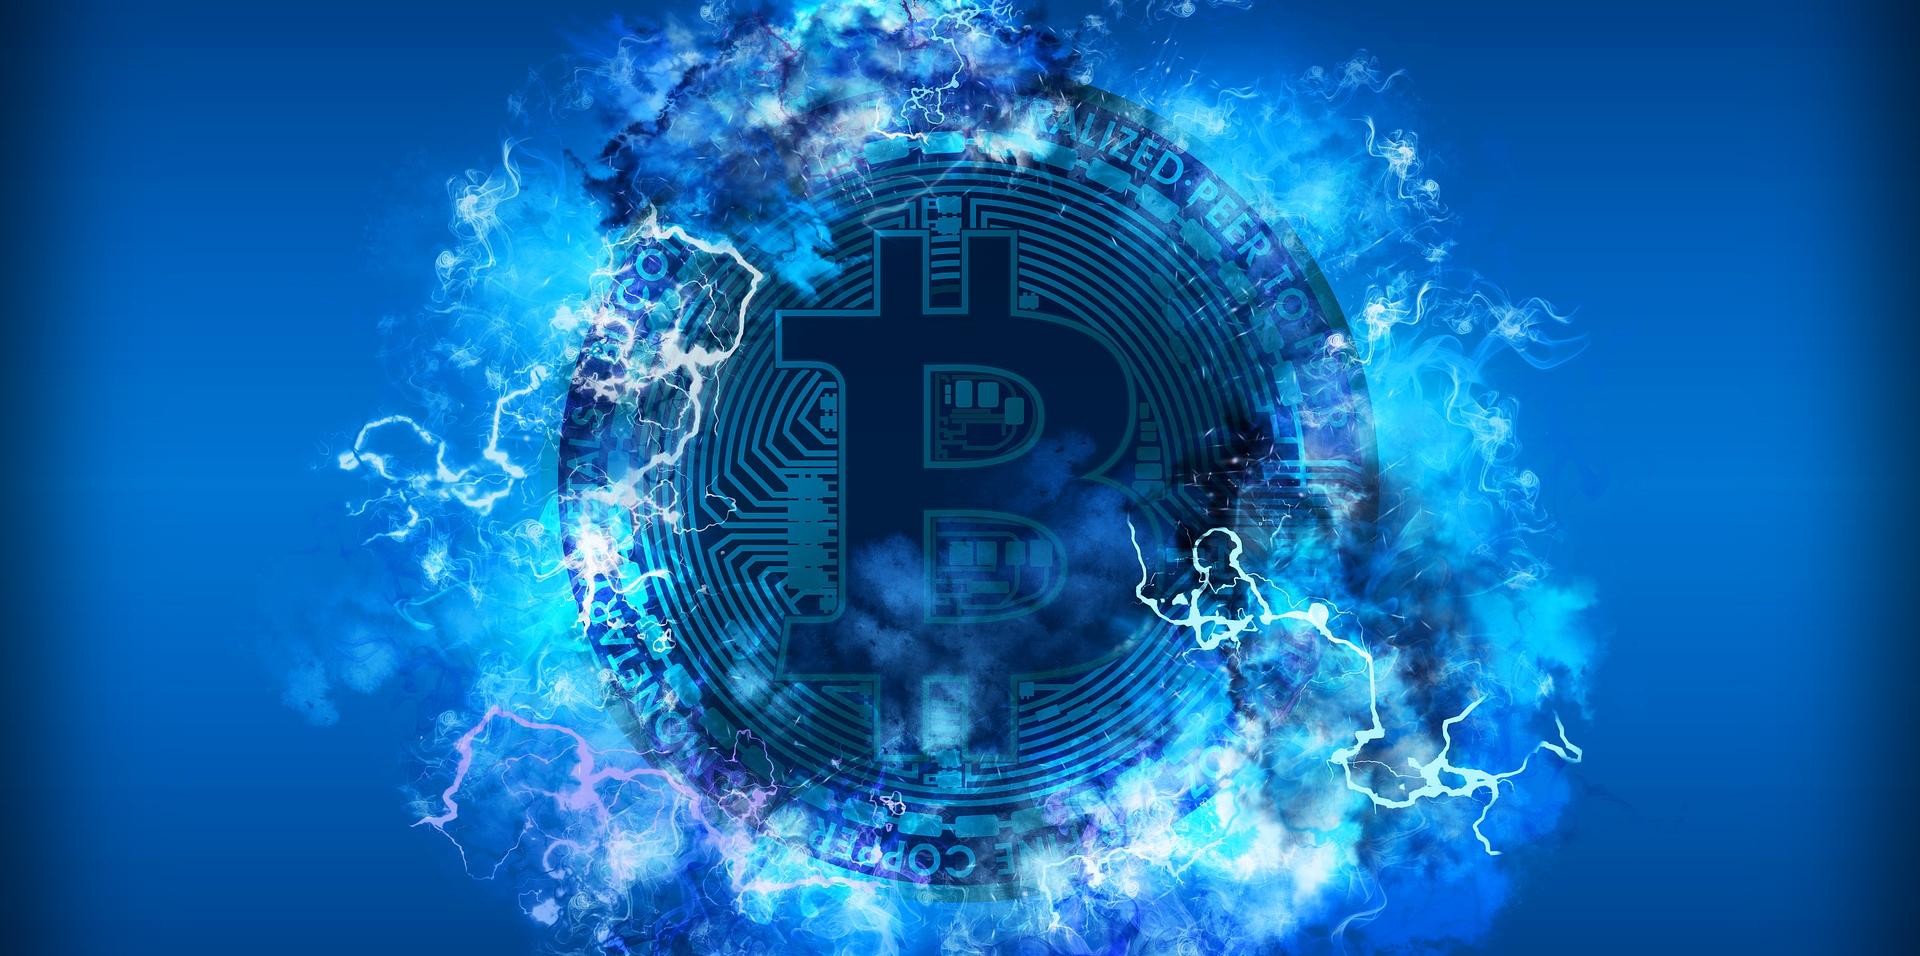 Инвестирование в криптовалюты